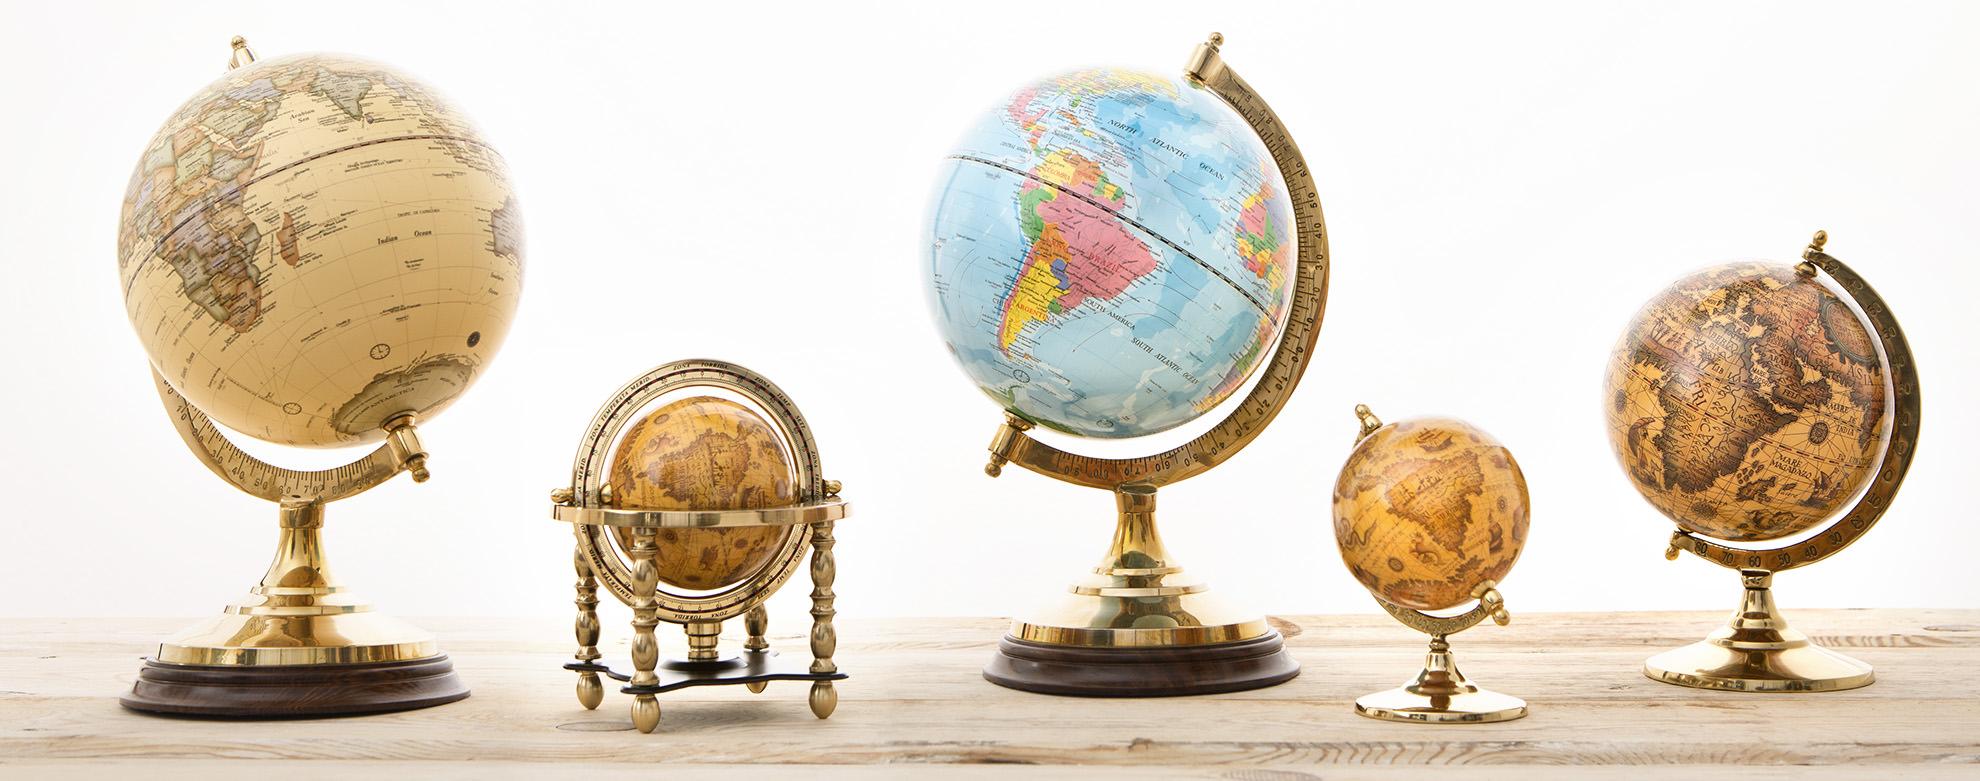 Globus, Armillarsphäre